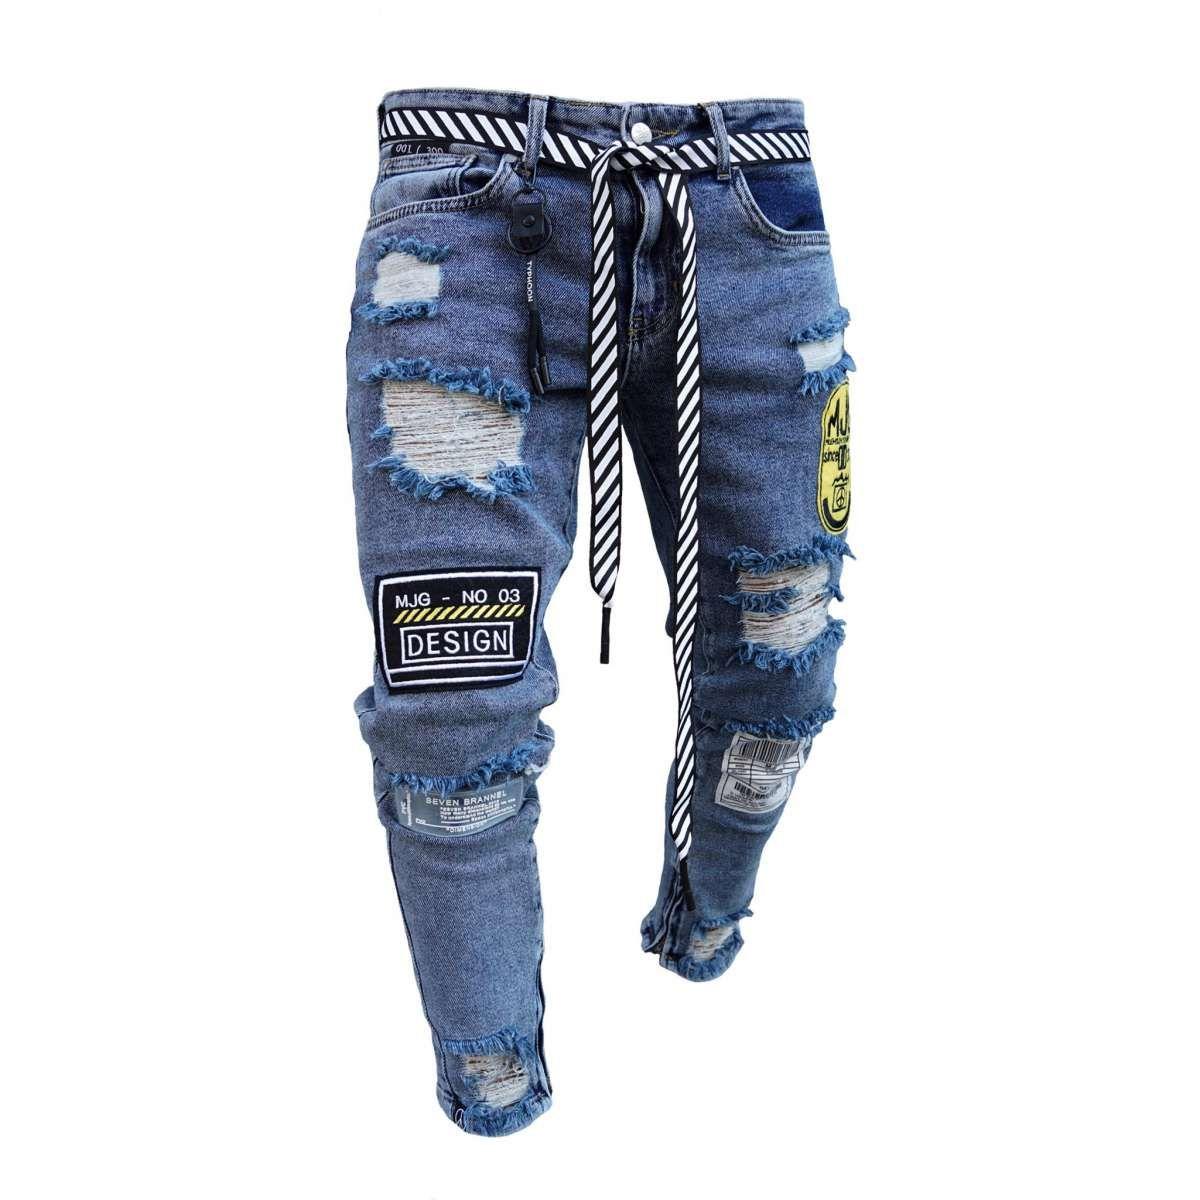 Mjg destroyed denim patches 3.0 blue   Männer outfit